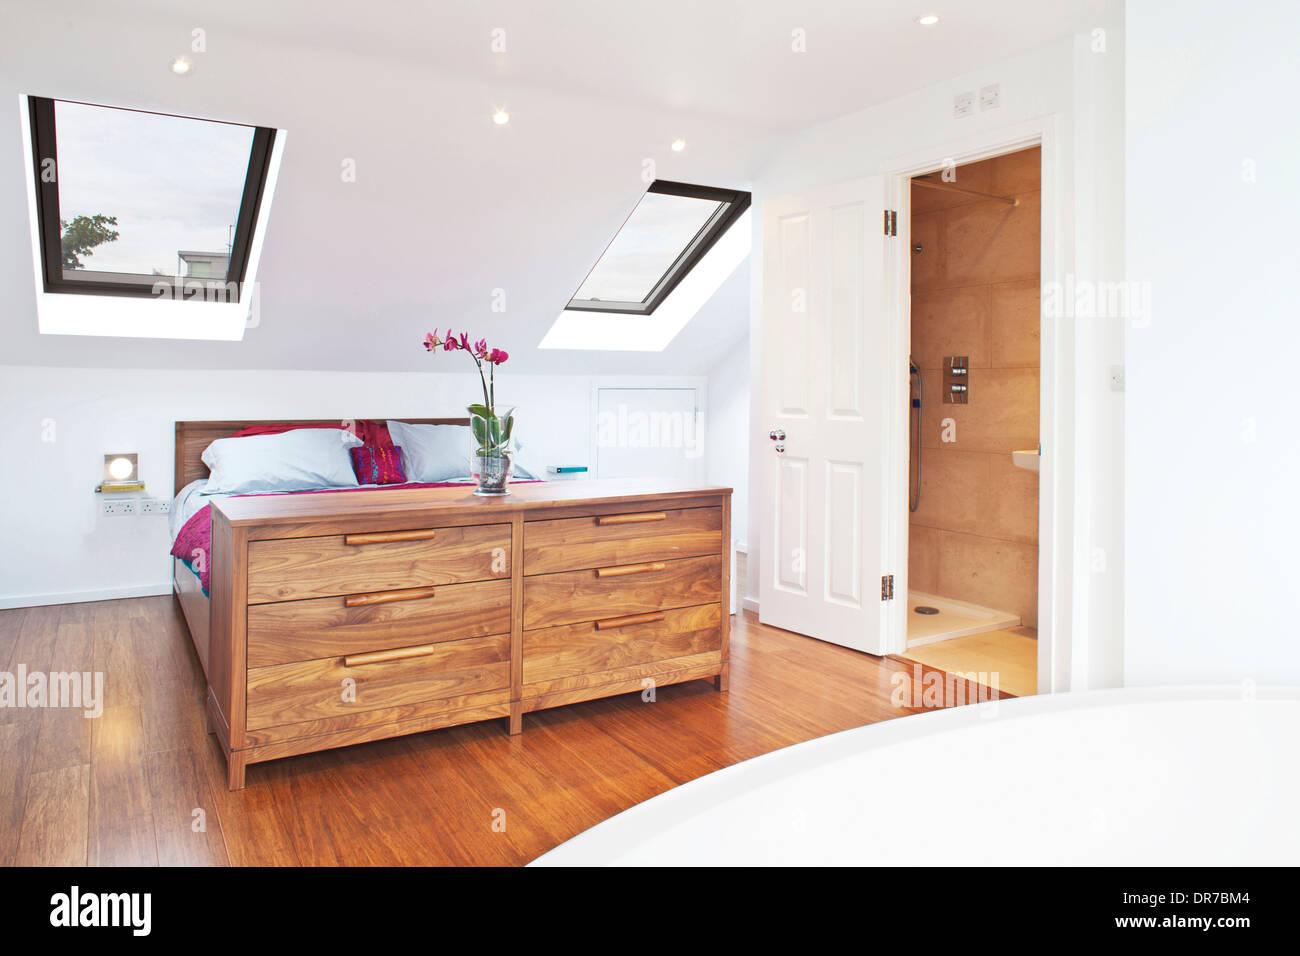 Highbury zeitgenössische Haus Umbau, Schlafzimmer und Bad mit Dusche ...